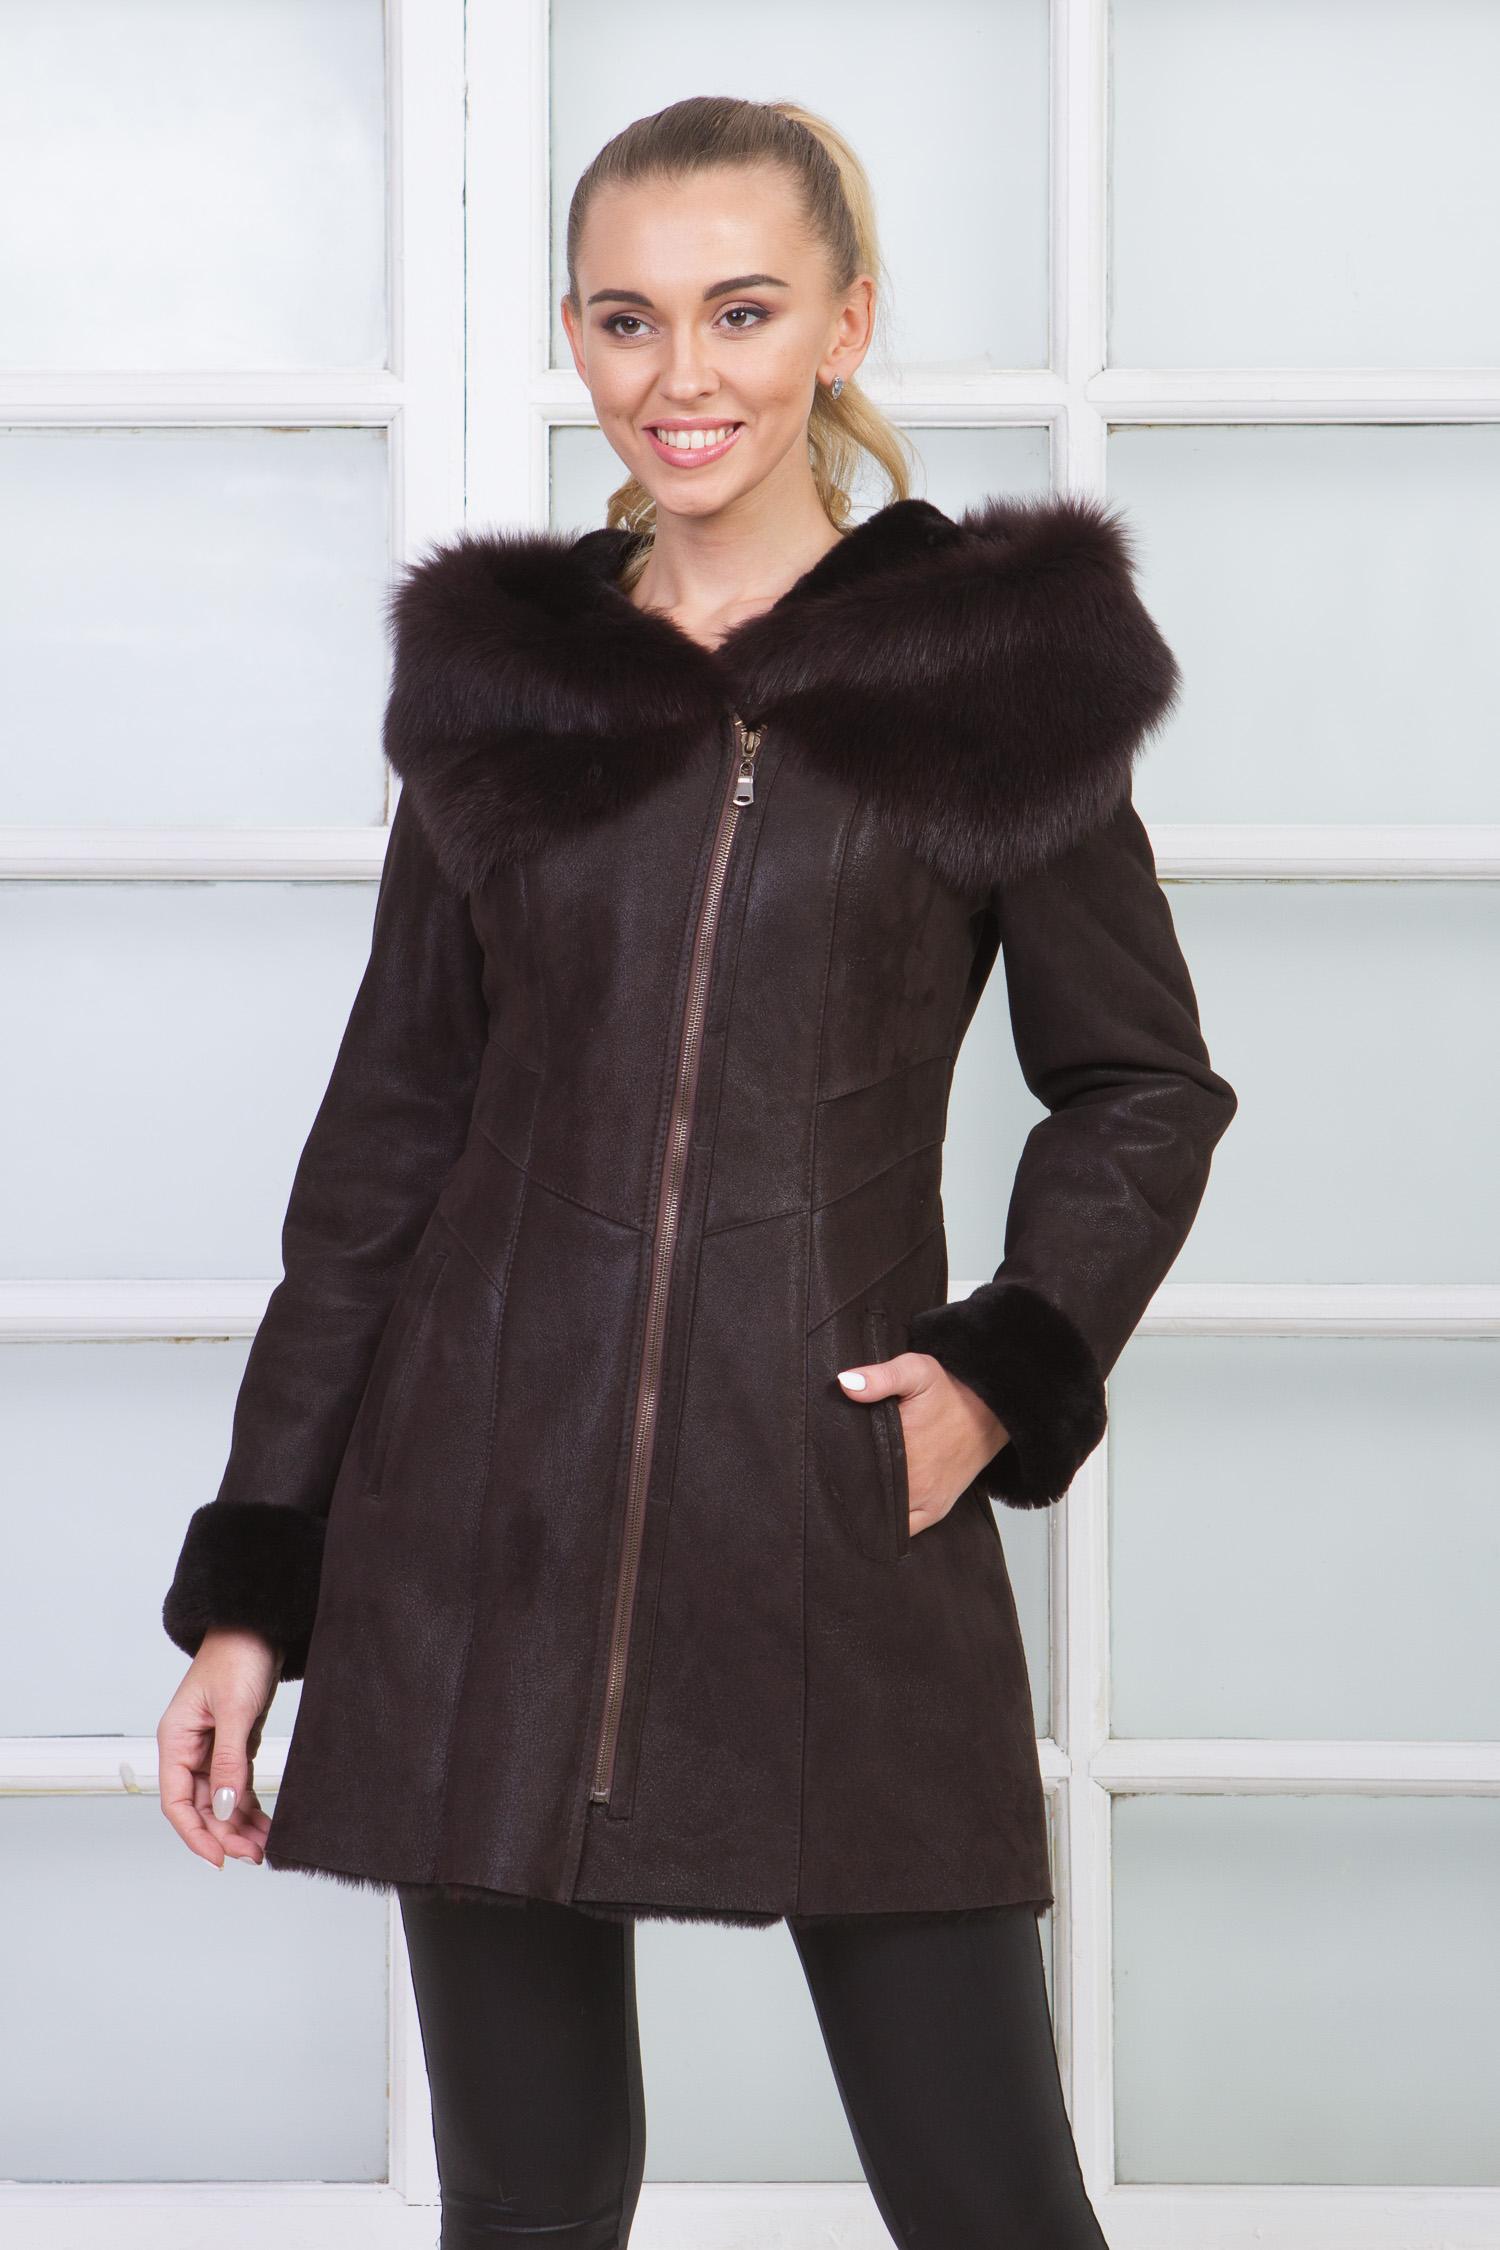 Купить Дубленку женская из натуральной овчины с капюшоном, отделка тоскана от МОСМЕХА коричневого цвета